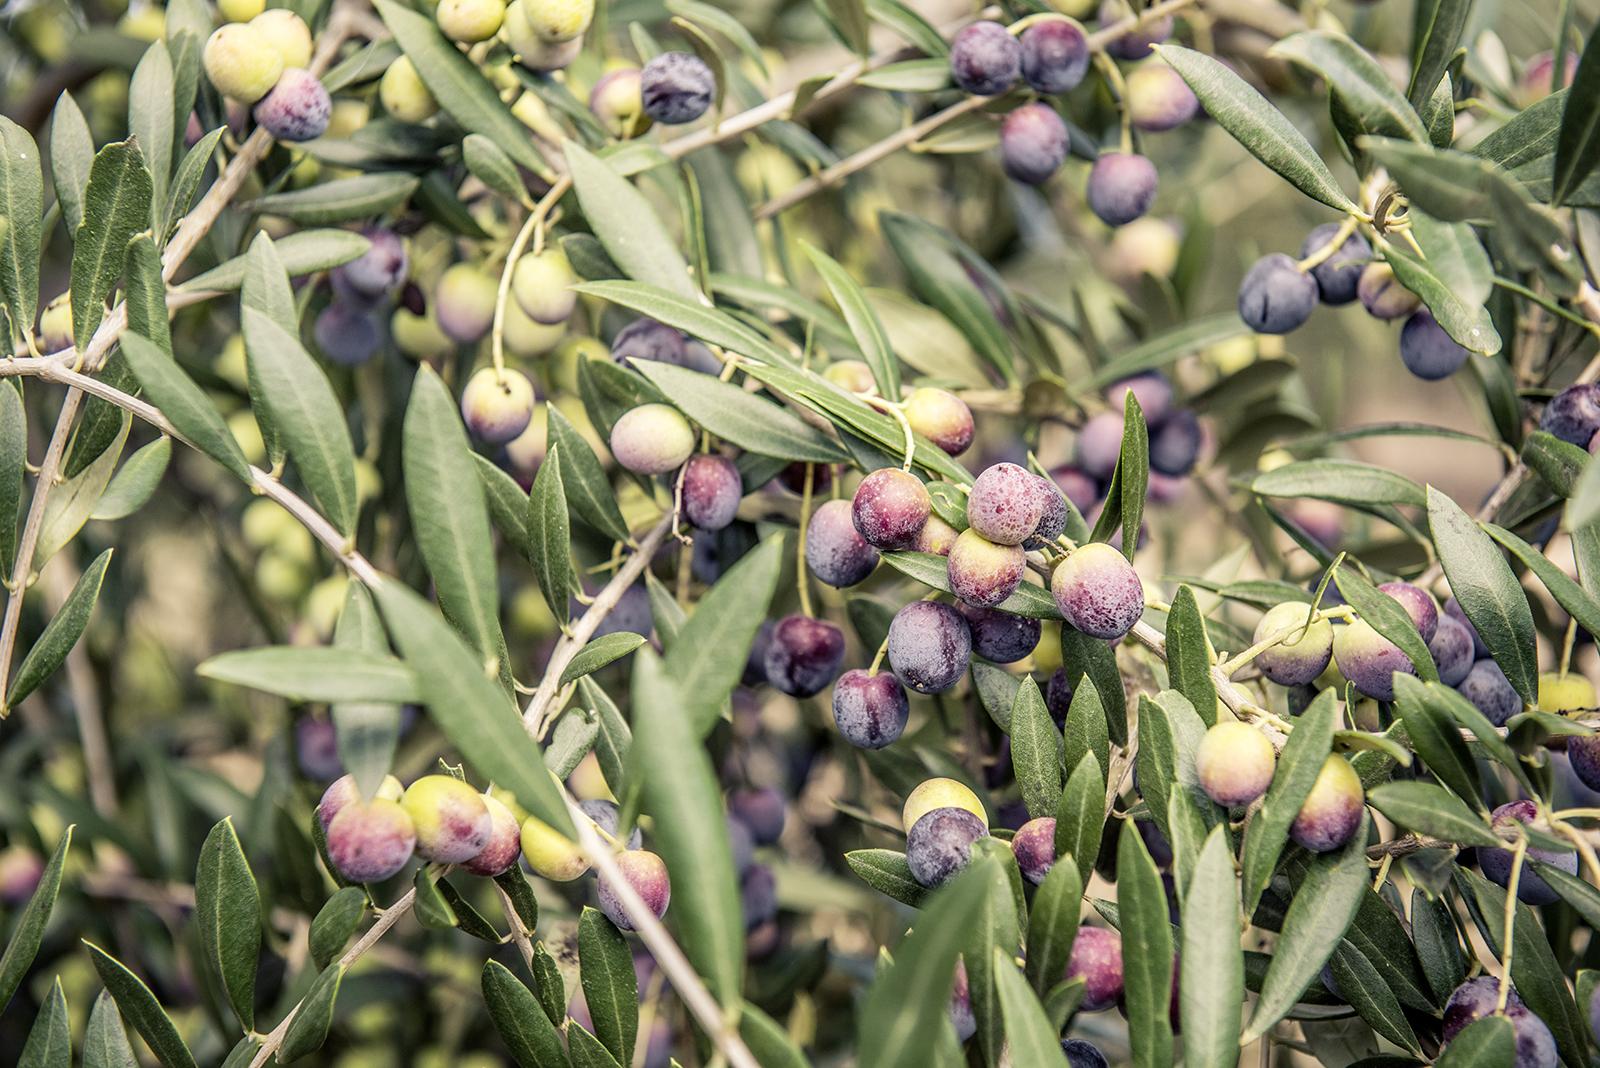 Oliven im Baum